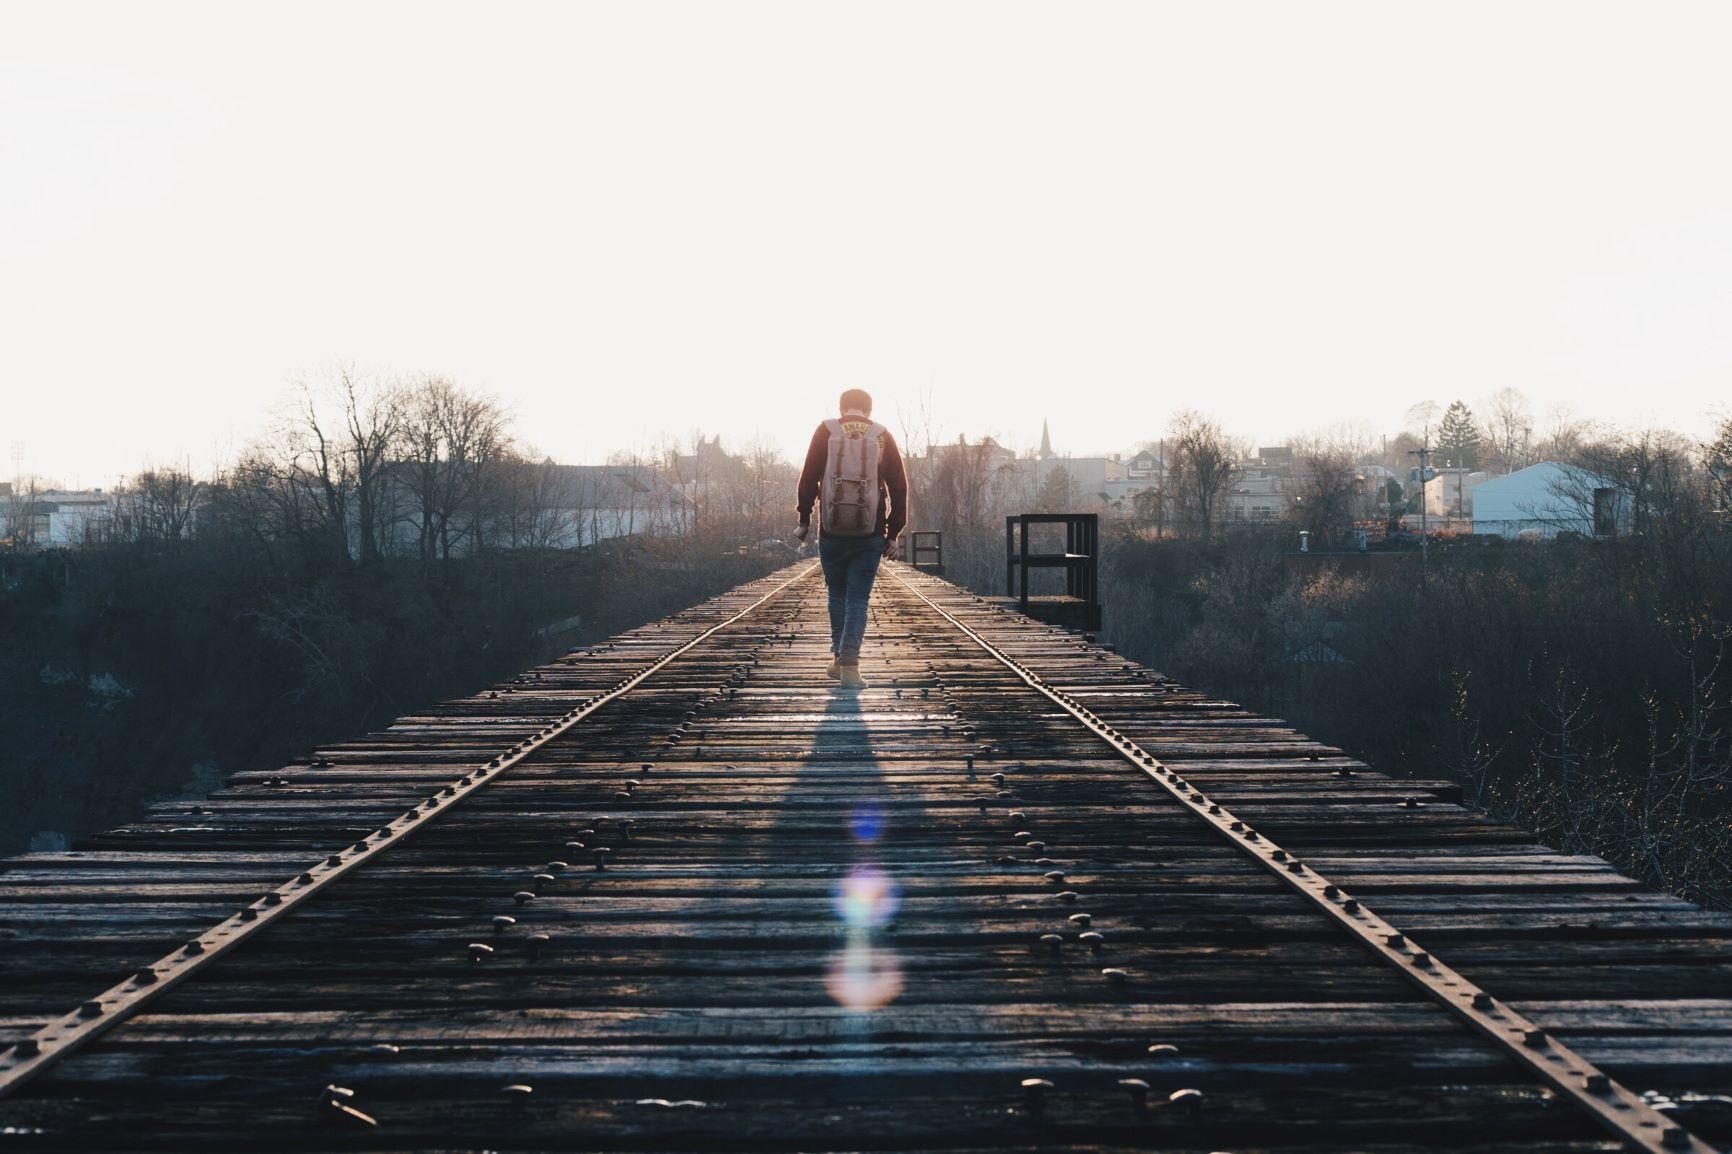 5 πράγματα που όλοι πρέπει να προσπαθήσουμε να κάνουμε μόνοι μας